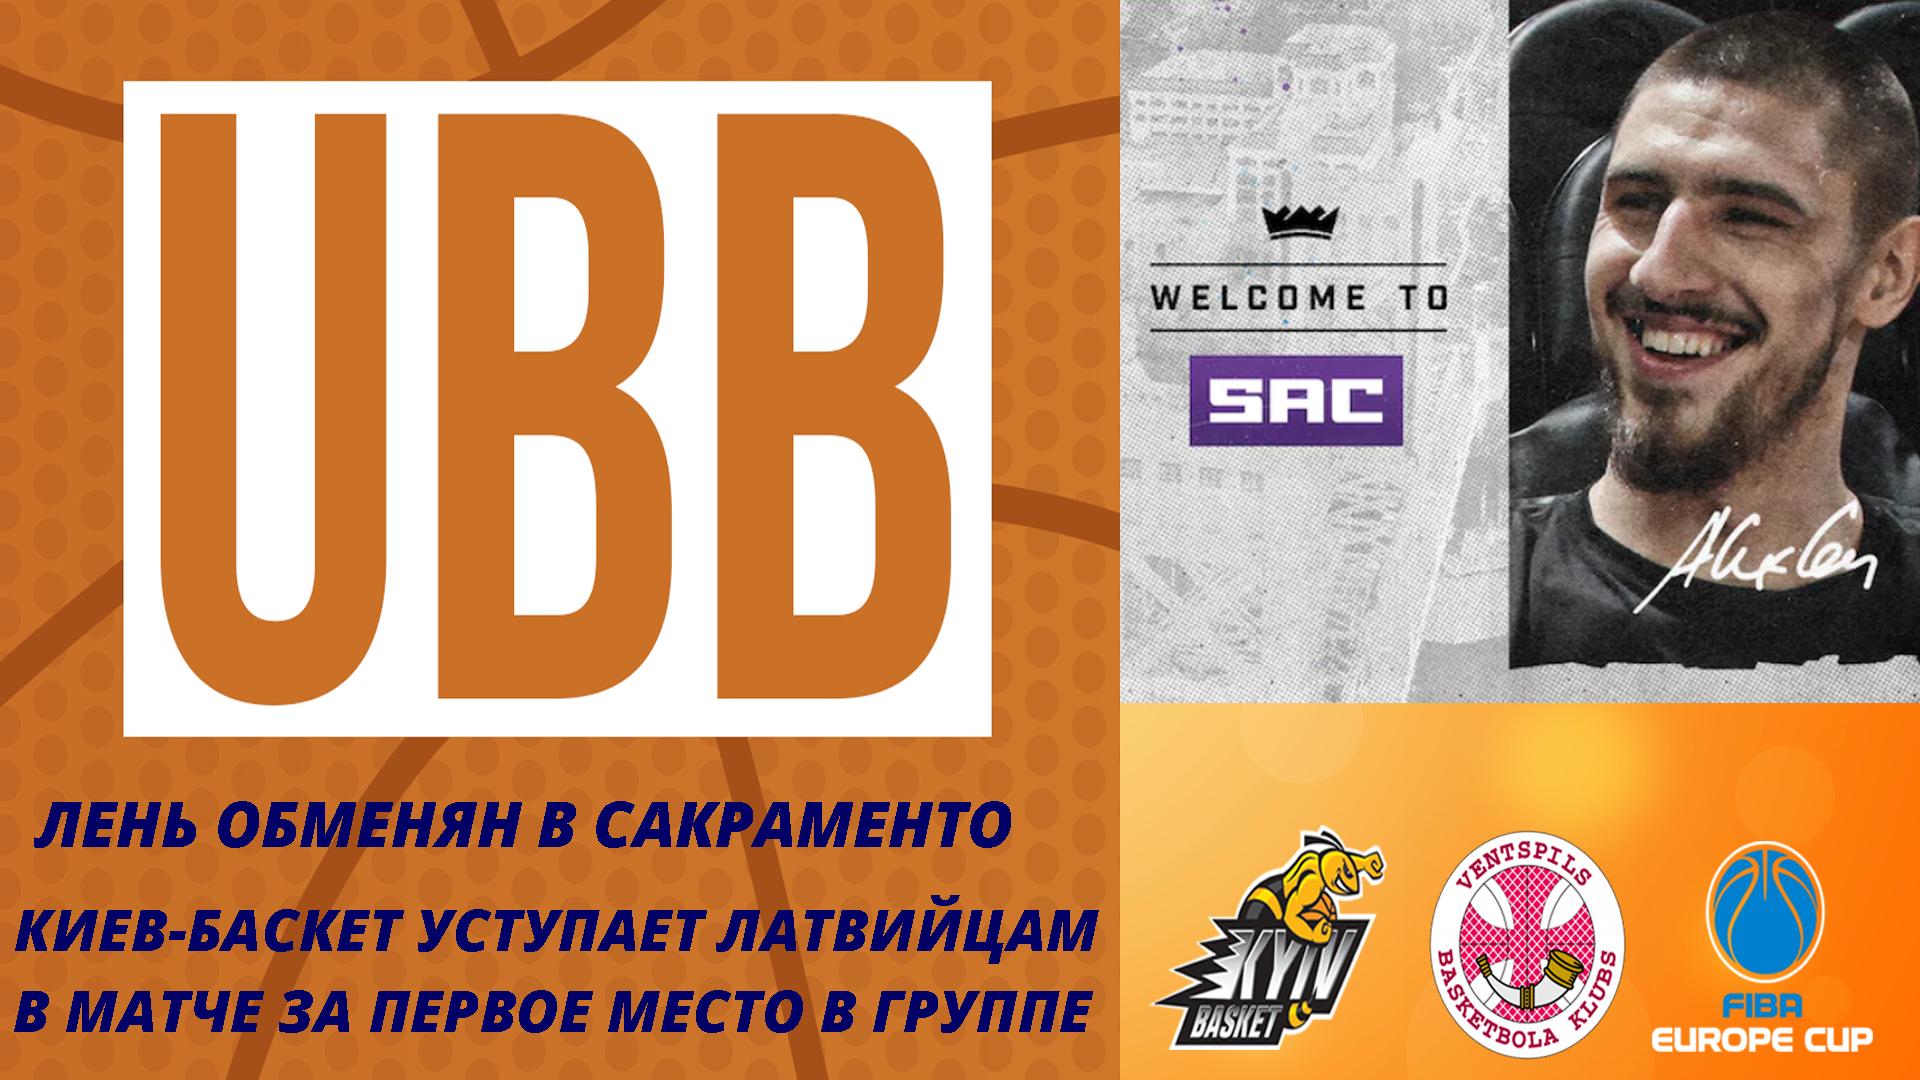 Киев-Баскет уступил битву за первое место в группе, Алекс Лень сменил Атланту на Сакраменто